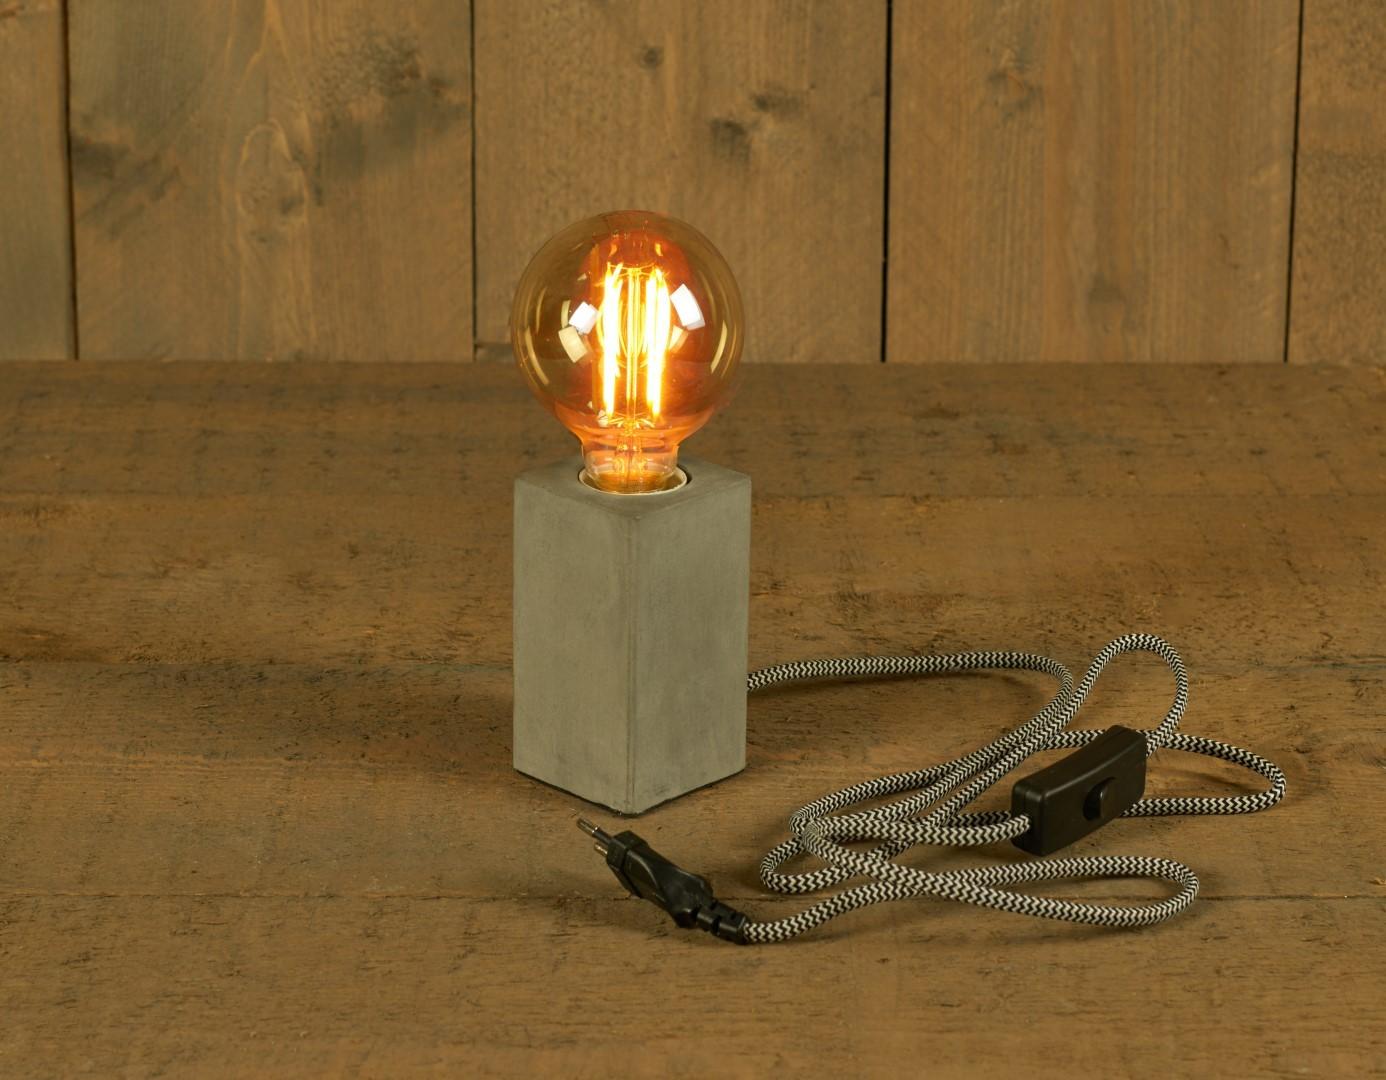 Tafellamp cement 6x6x11 cm e27 1,5m strijkijzer snoer zwart wit schakelaar ip20